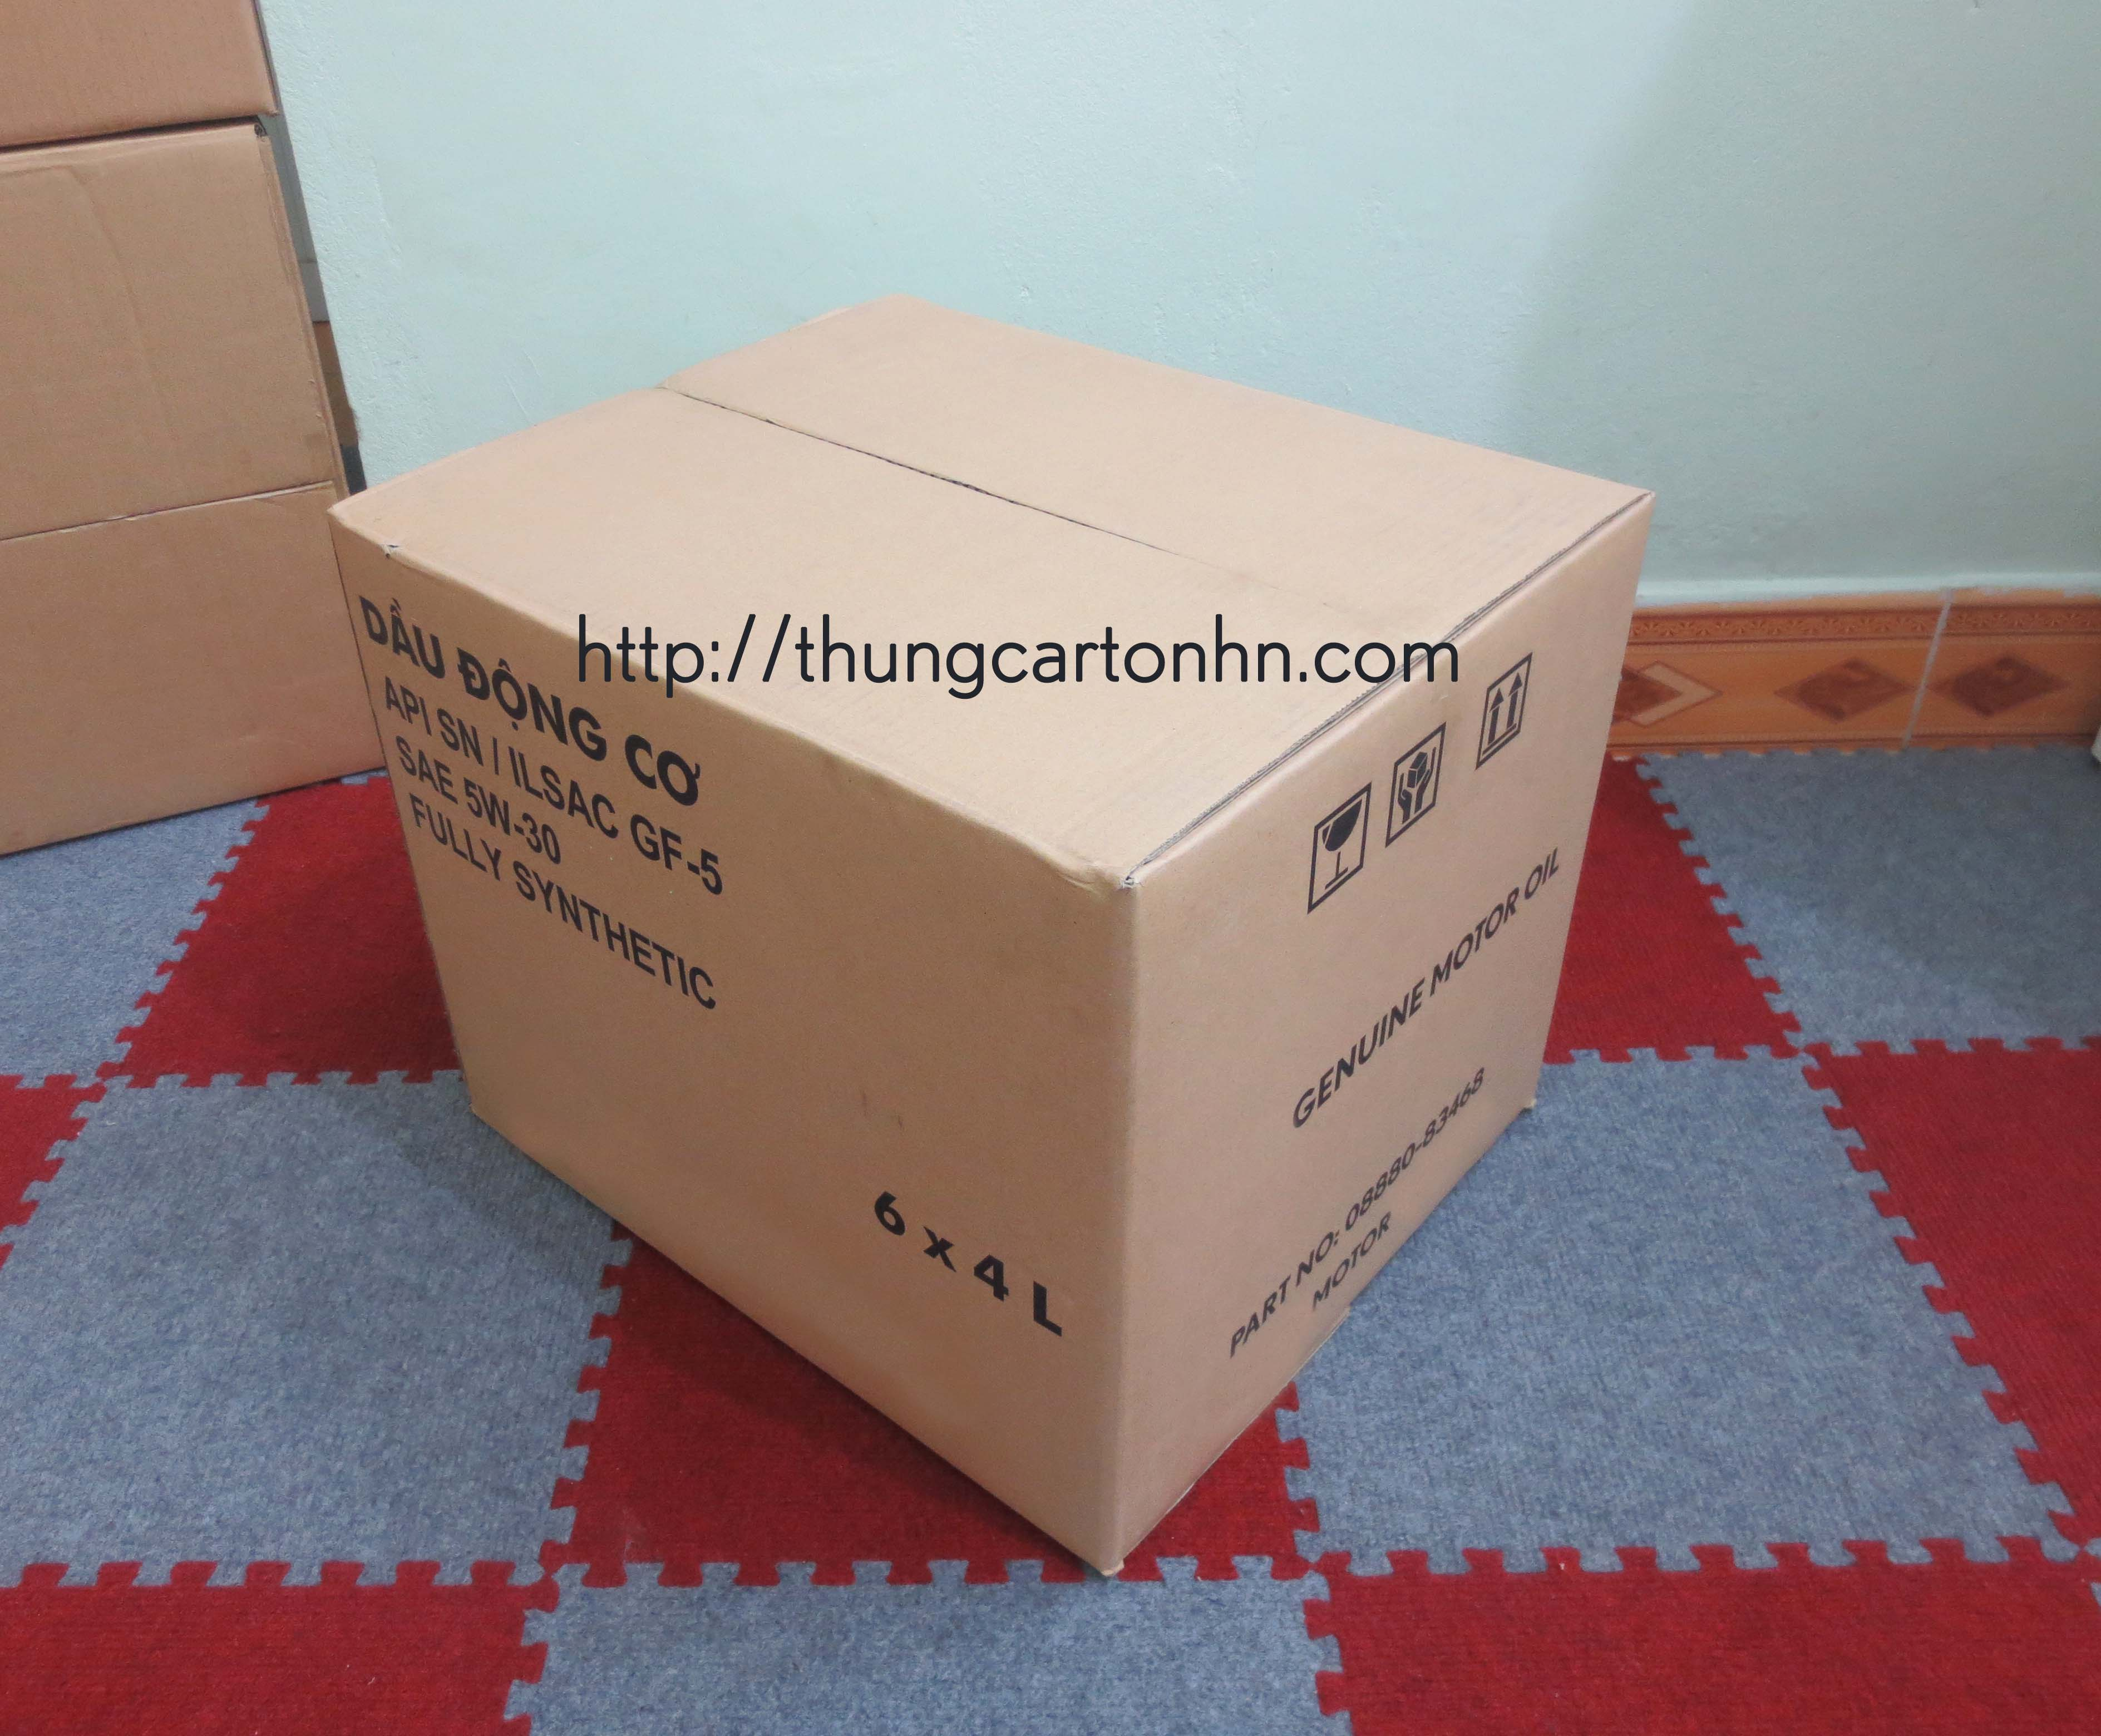 thùng carton cũ 5 lớp